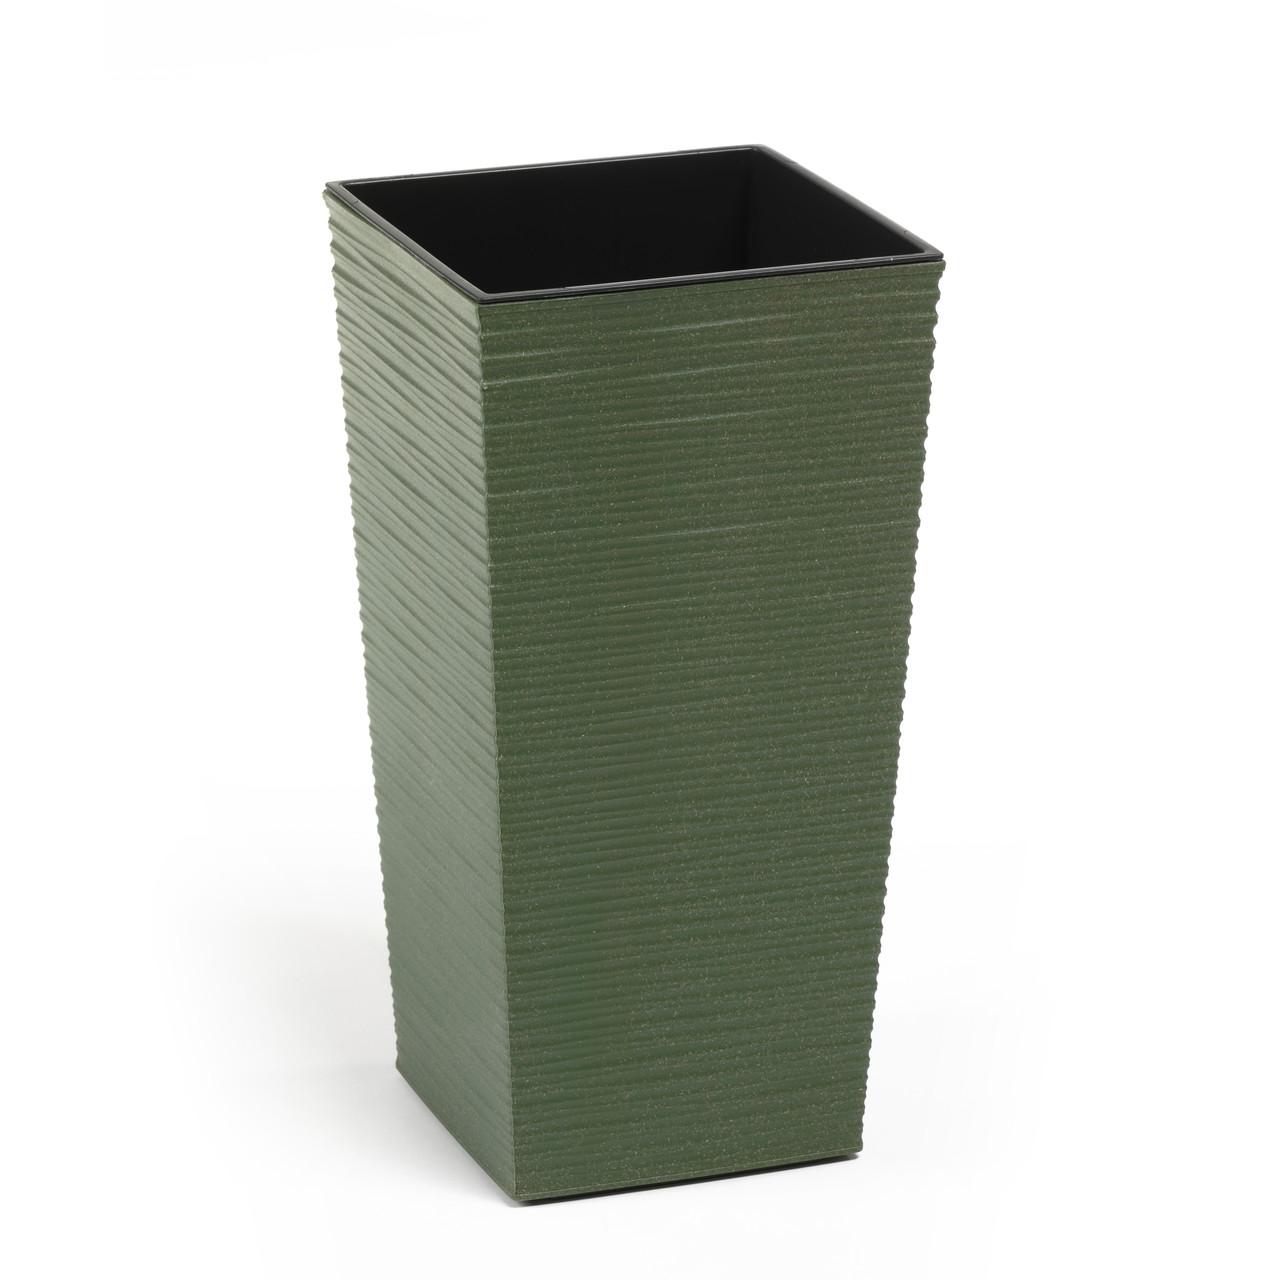 Горшок Finezja Lamela Эко Dluto 190x190 - зеленый лес